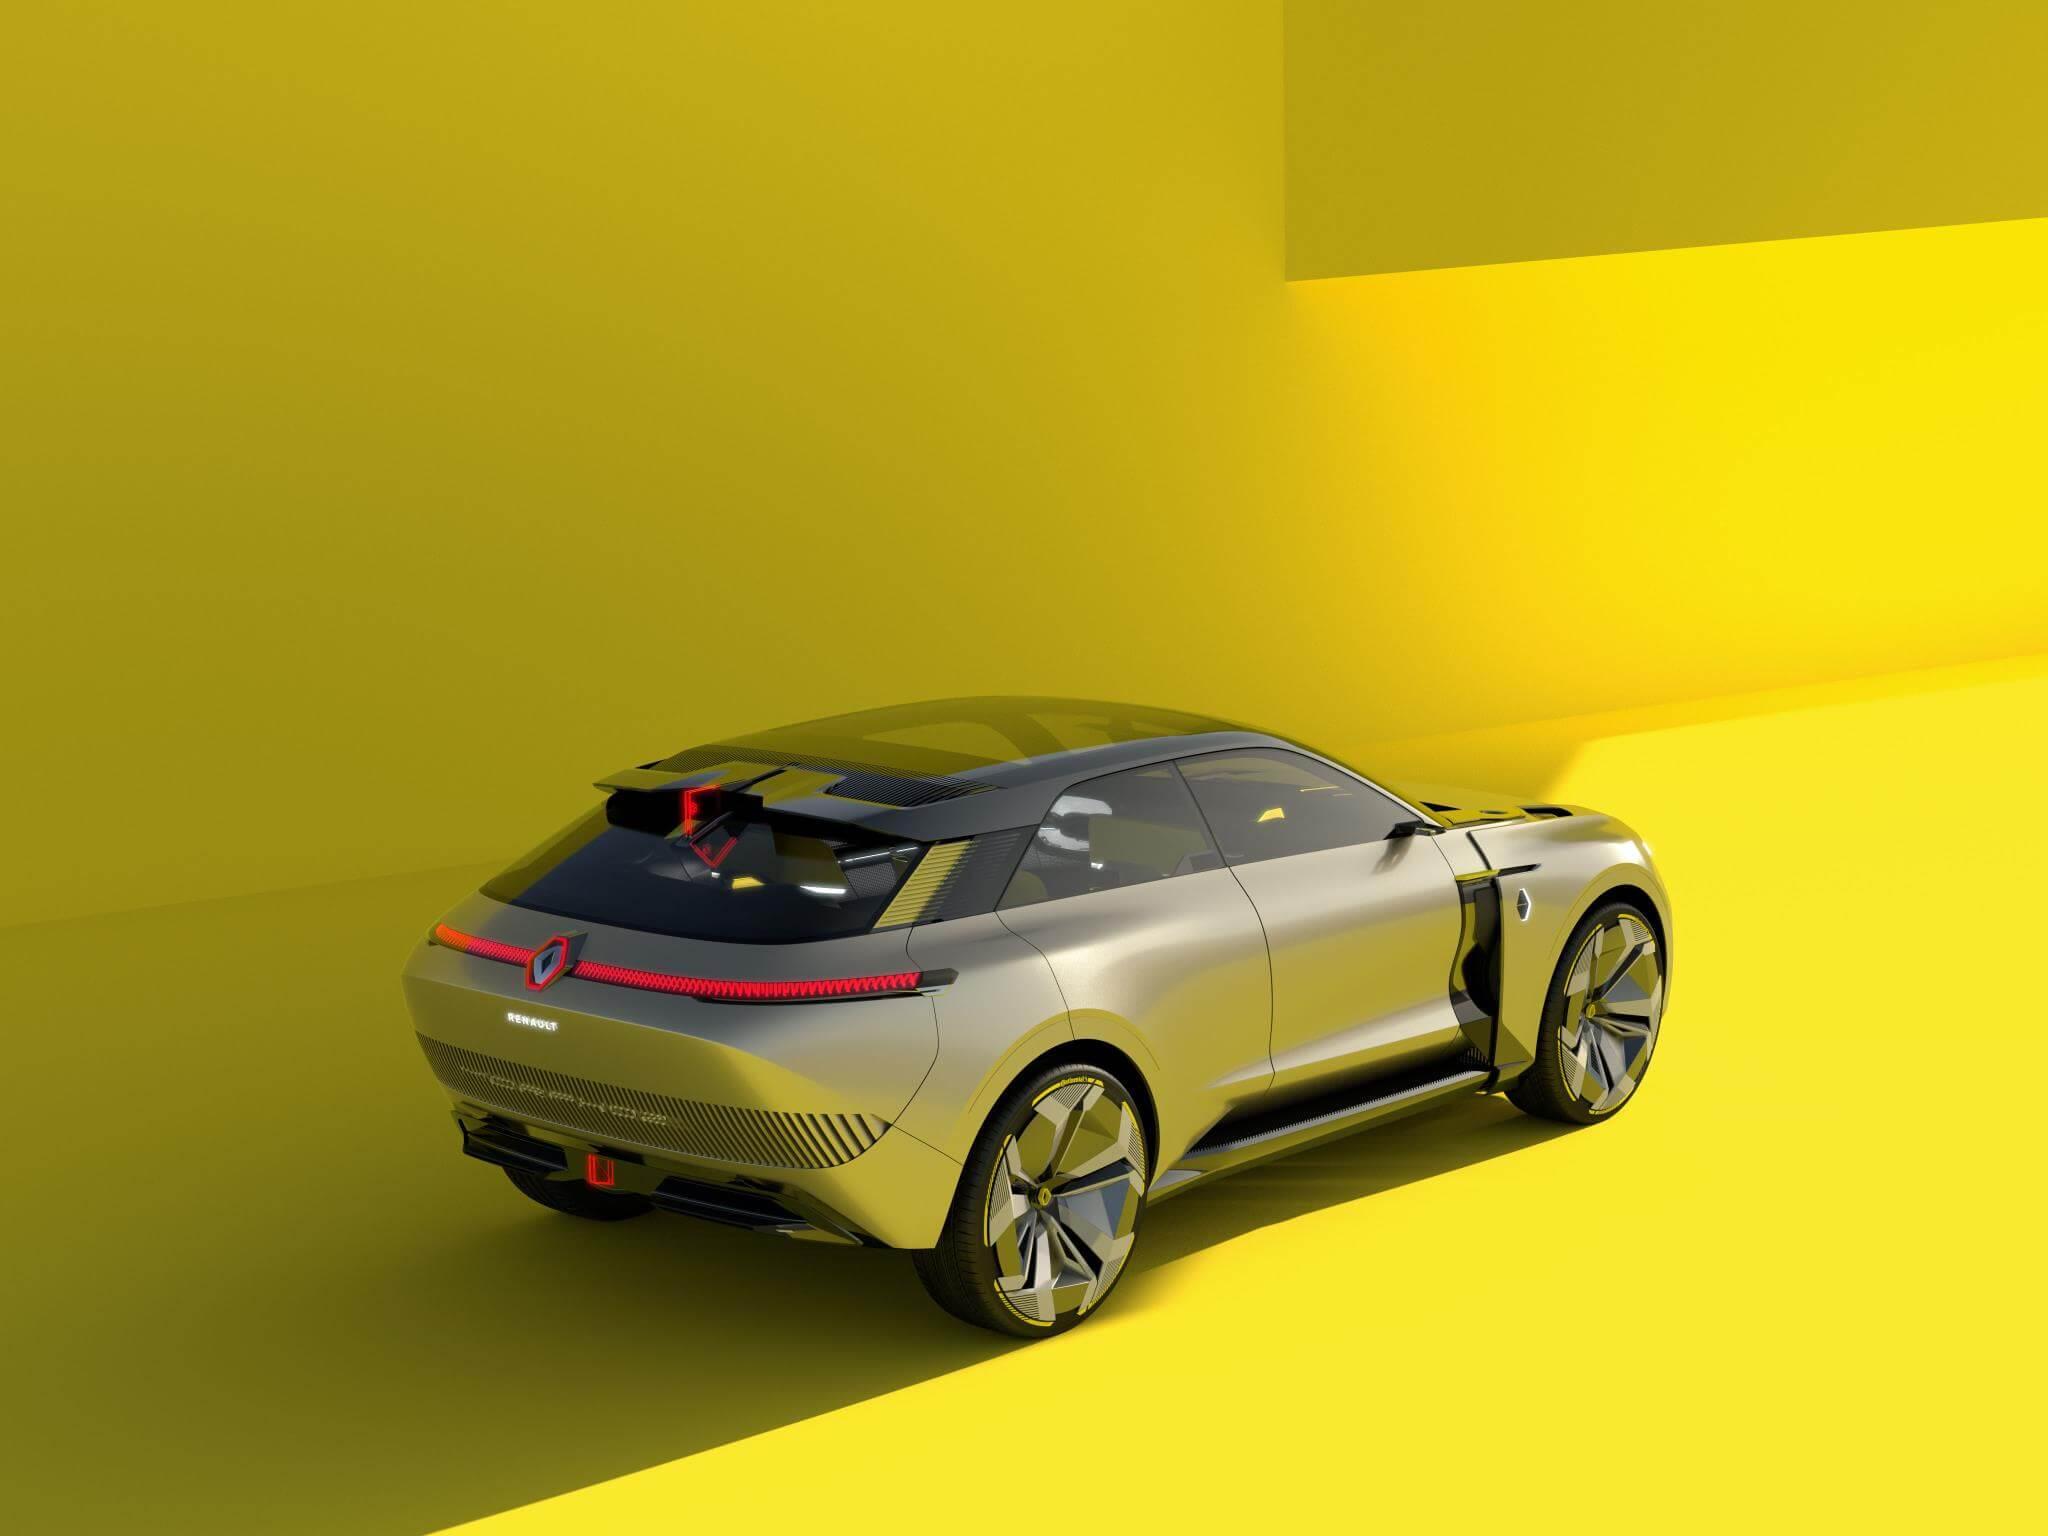 Renault Morphozde traseira visto de alto em sua configuração maior no fundo amarelo